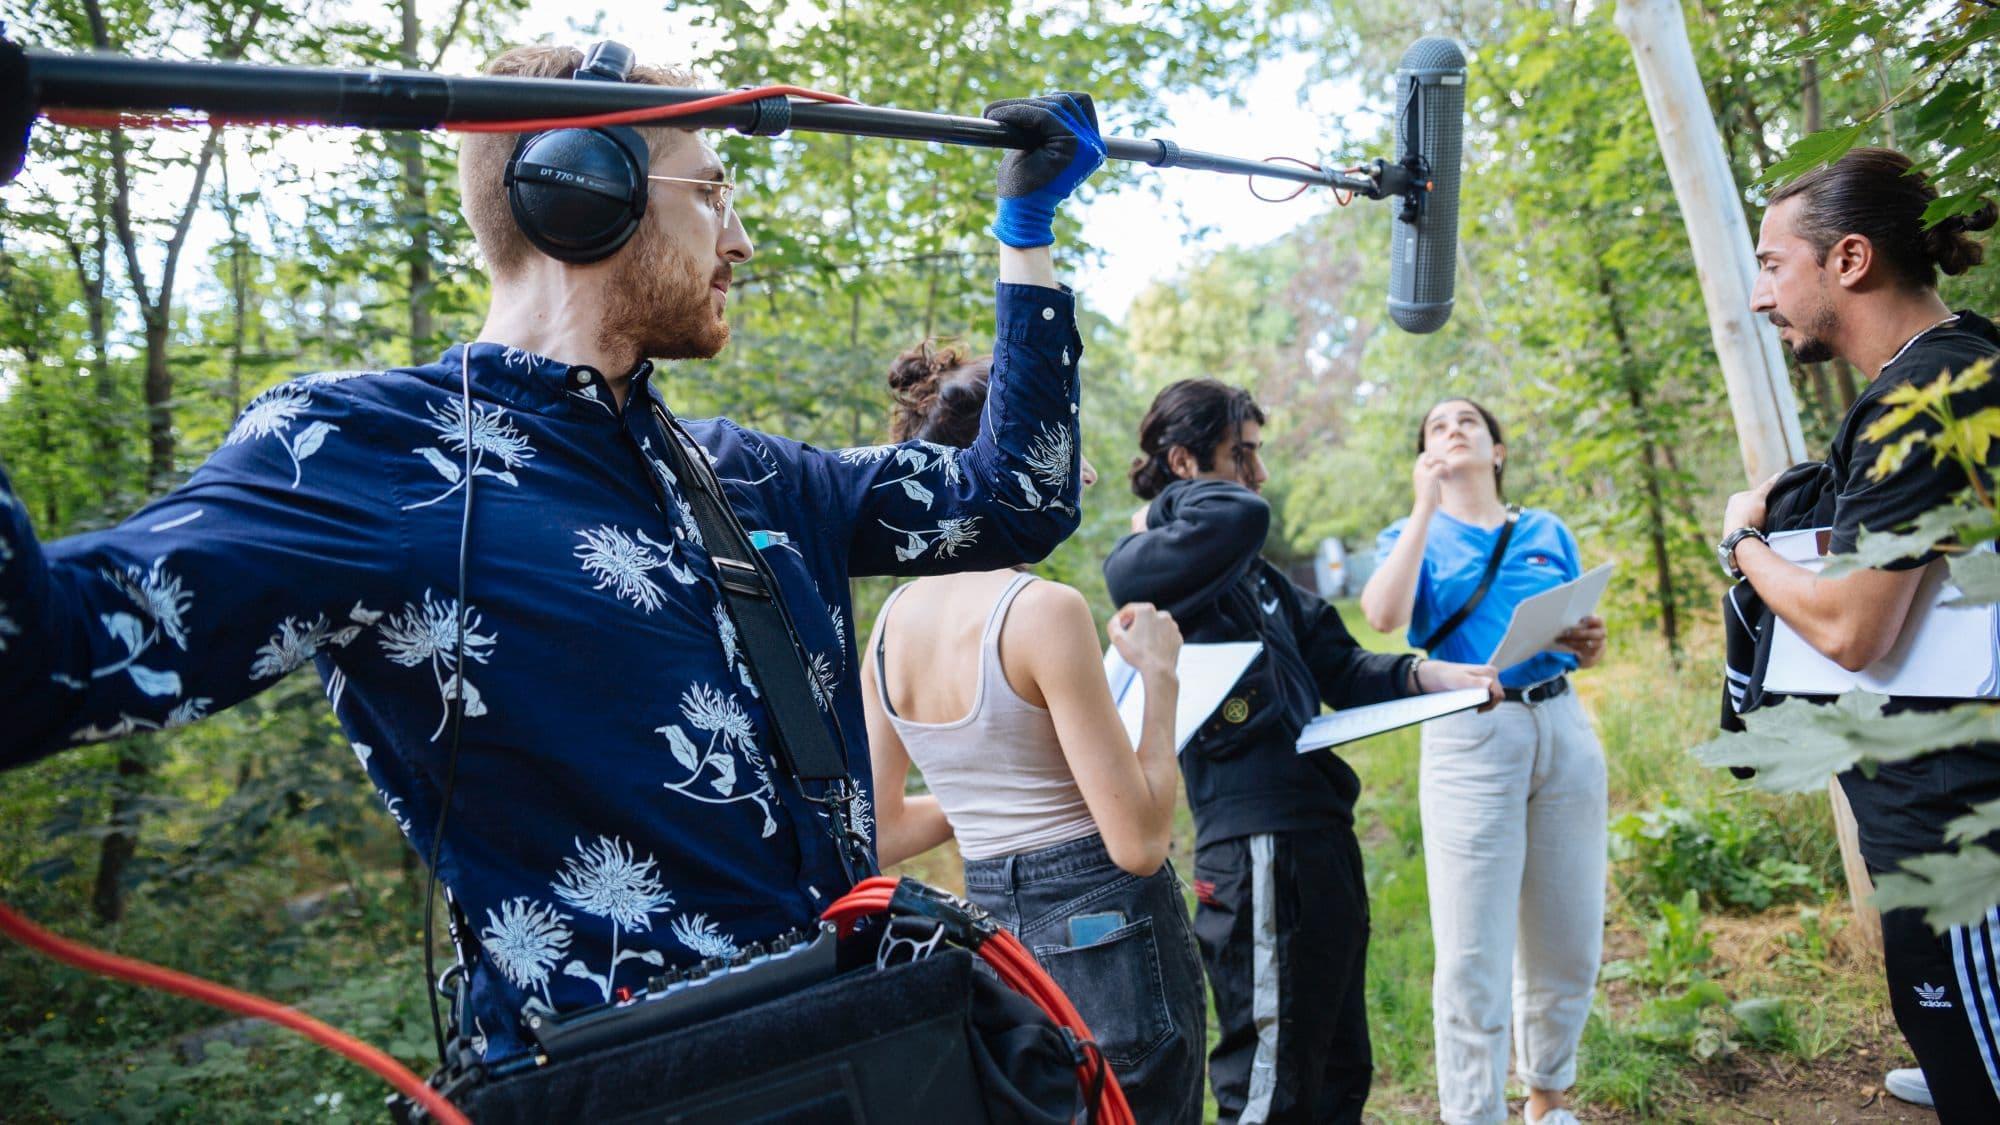 Titelbild mit Sirius Kestel zur Filmton.de-News 'Neue Hörspielproduktion'